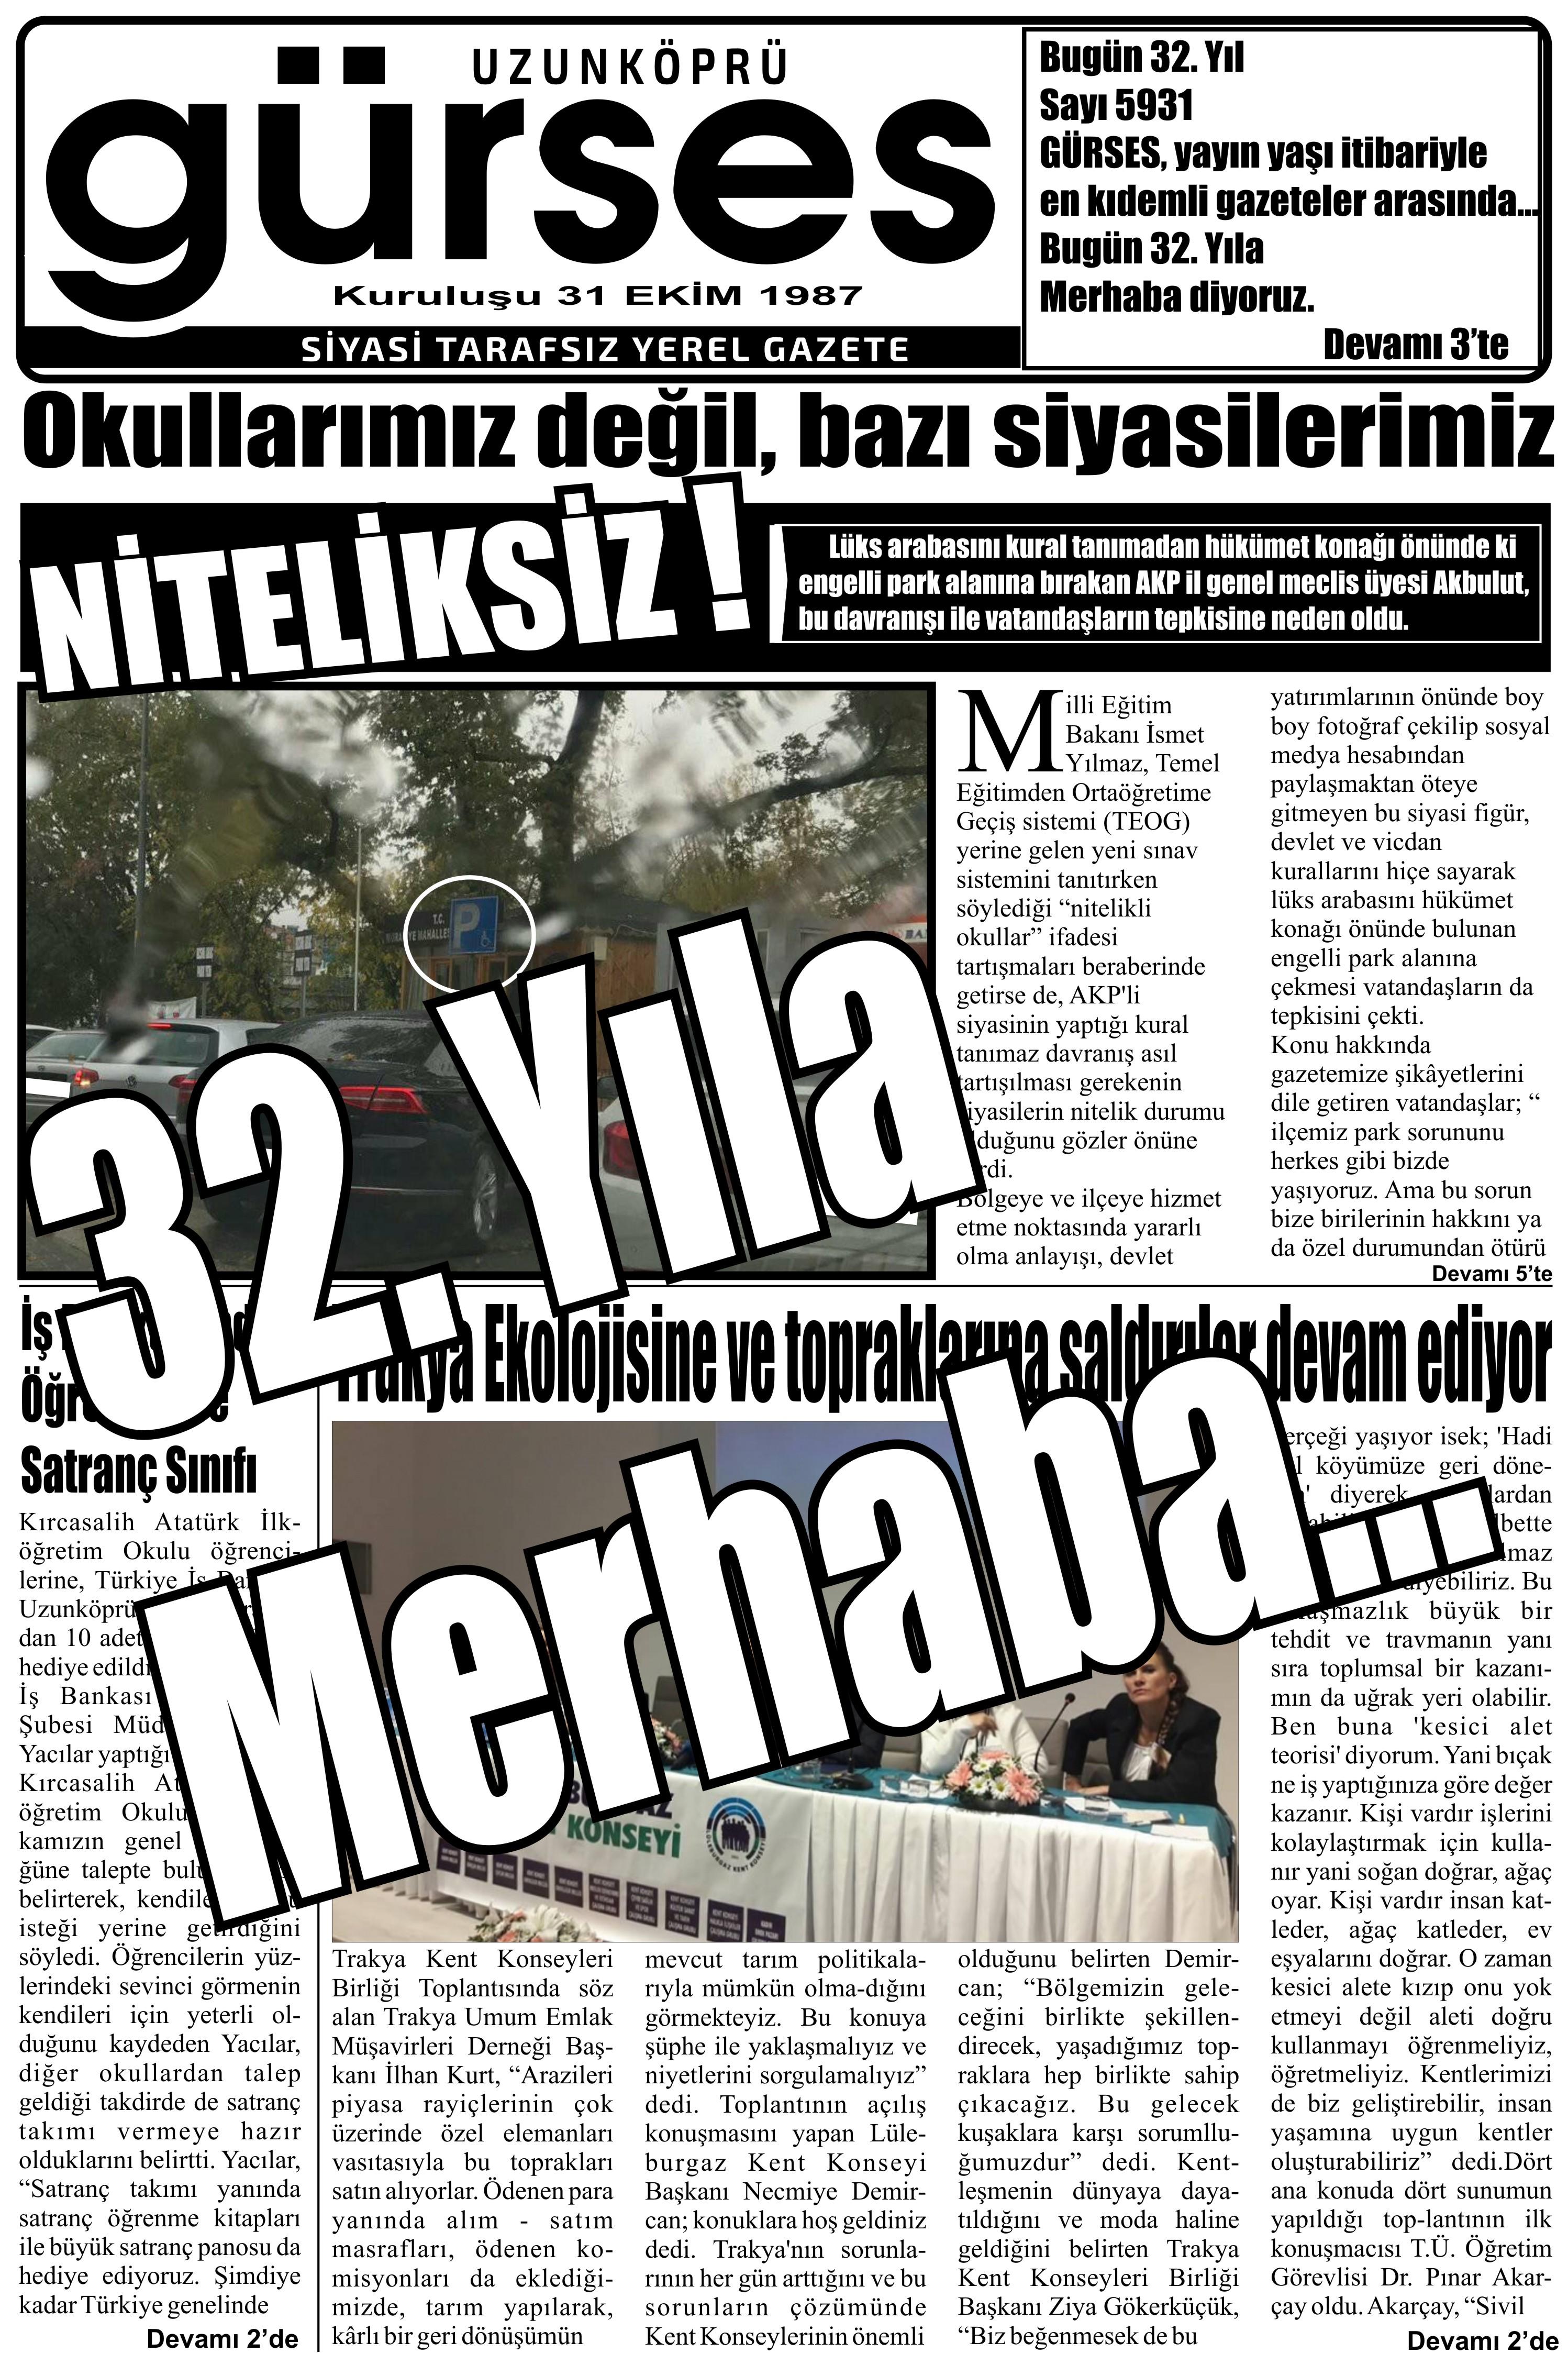 32 yil 5931 sayi uzunkopru gurses gazetesi